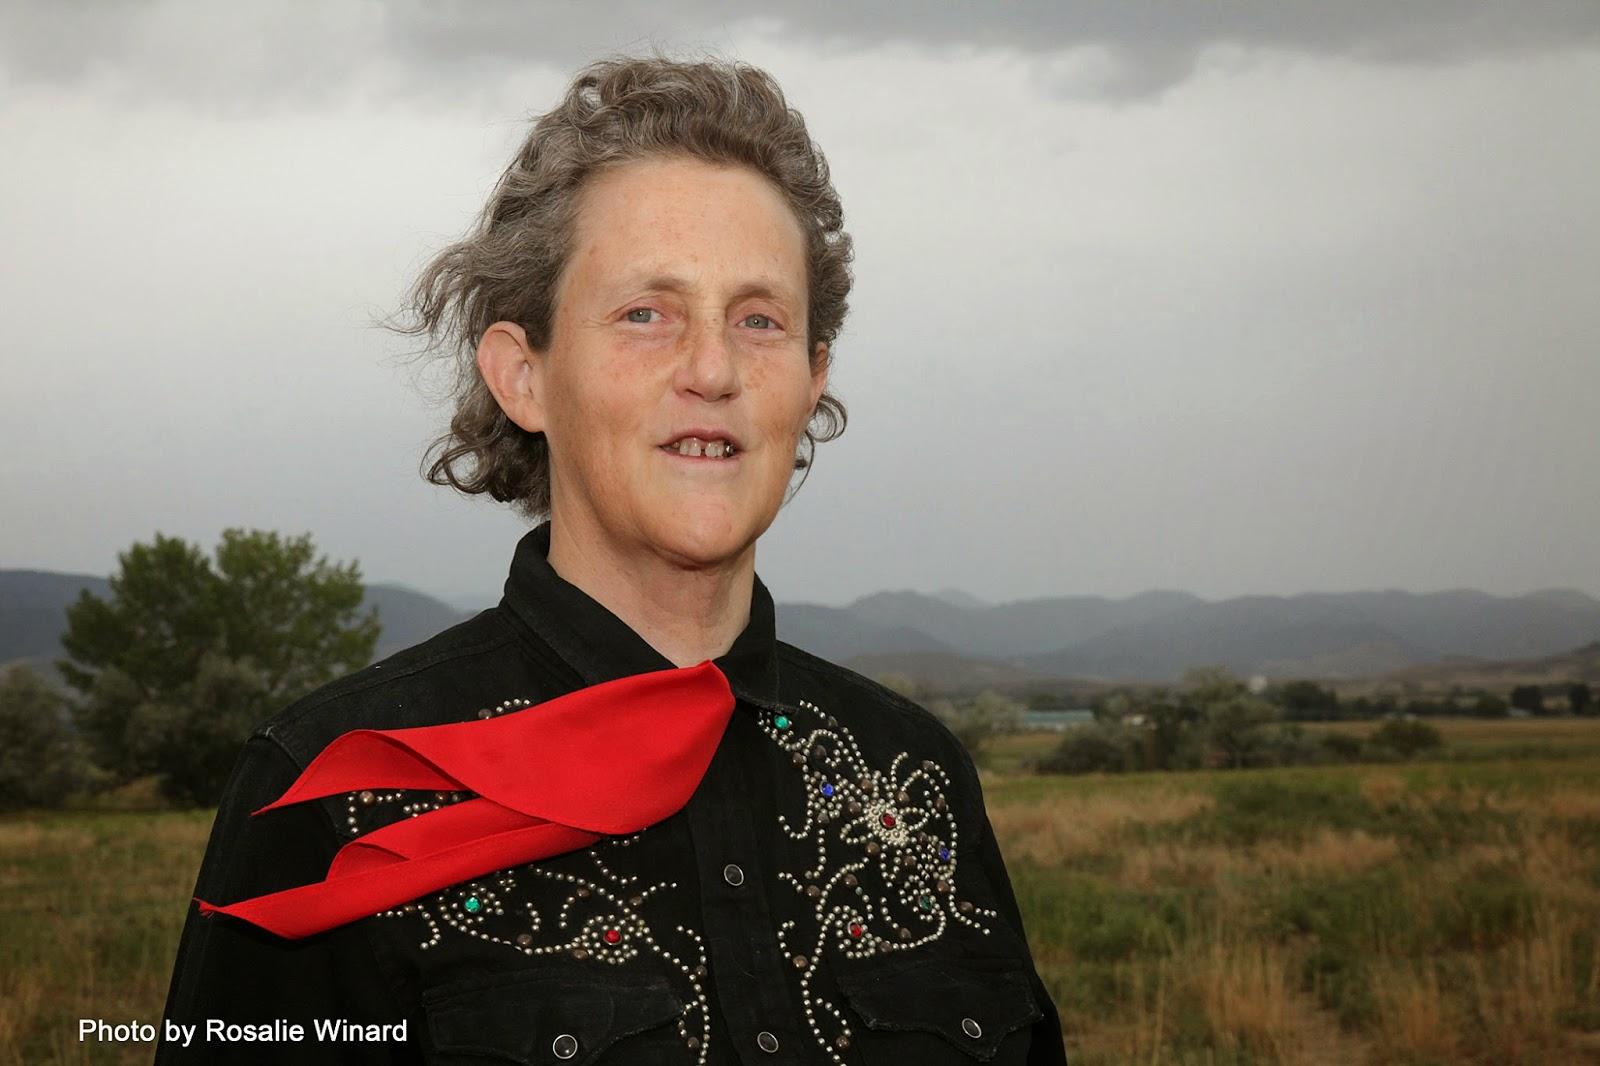 Usmívající se Temple Grandin s černou vyšívanou košilí a červeným šátkem